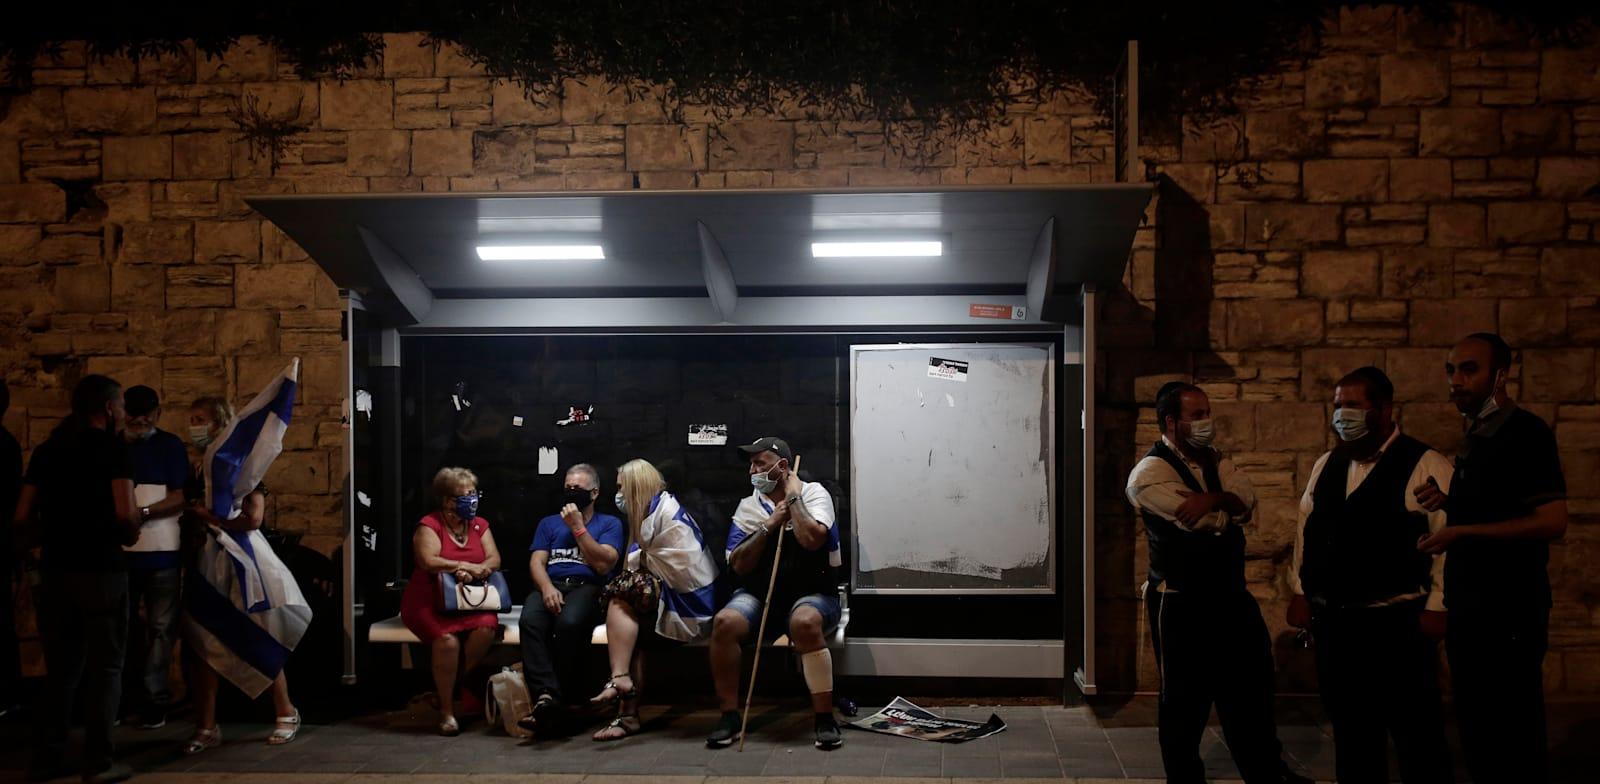 ממתינים בתחנת אוטובוס. לדברי המבקר, הסובסידיות גדלות ורמת השירות בירידה / צילום: Associated Press, Maya Alleruzzo